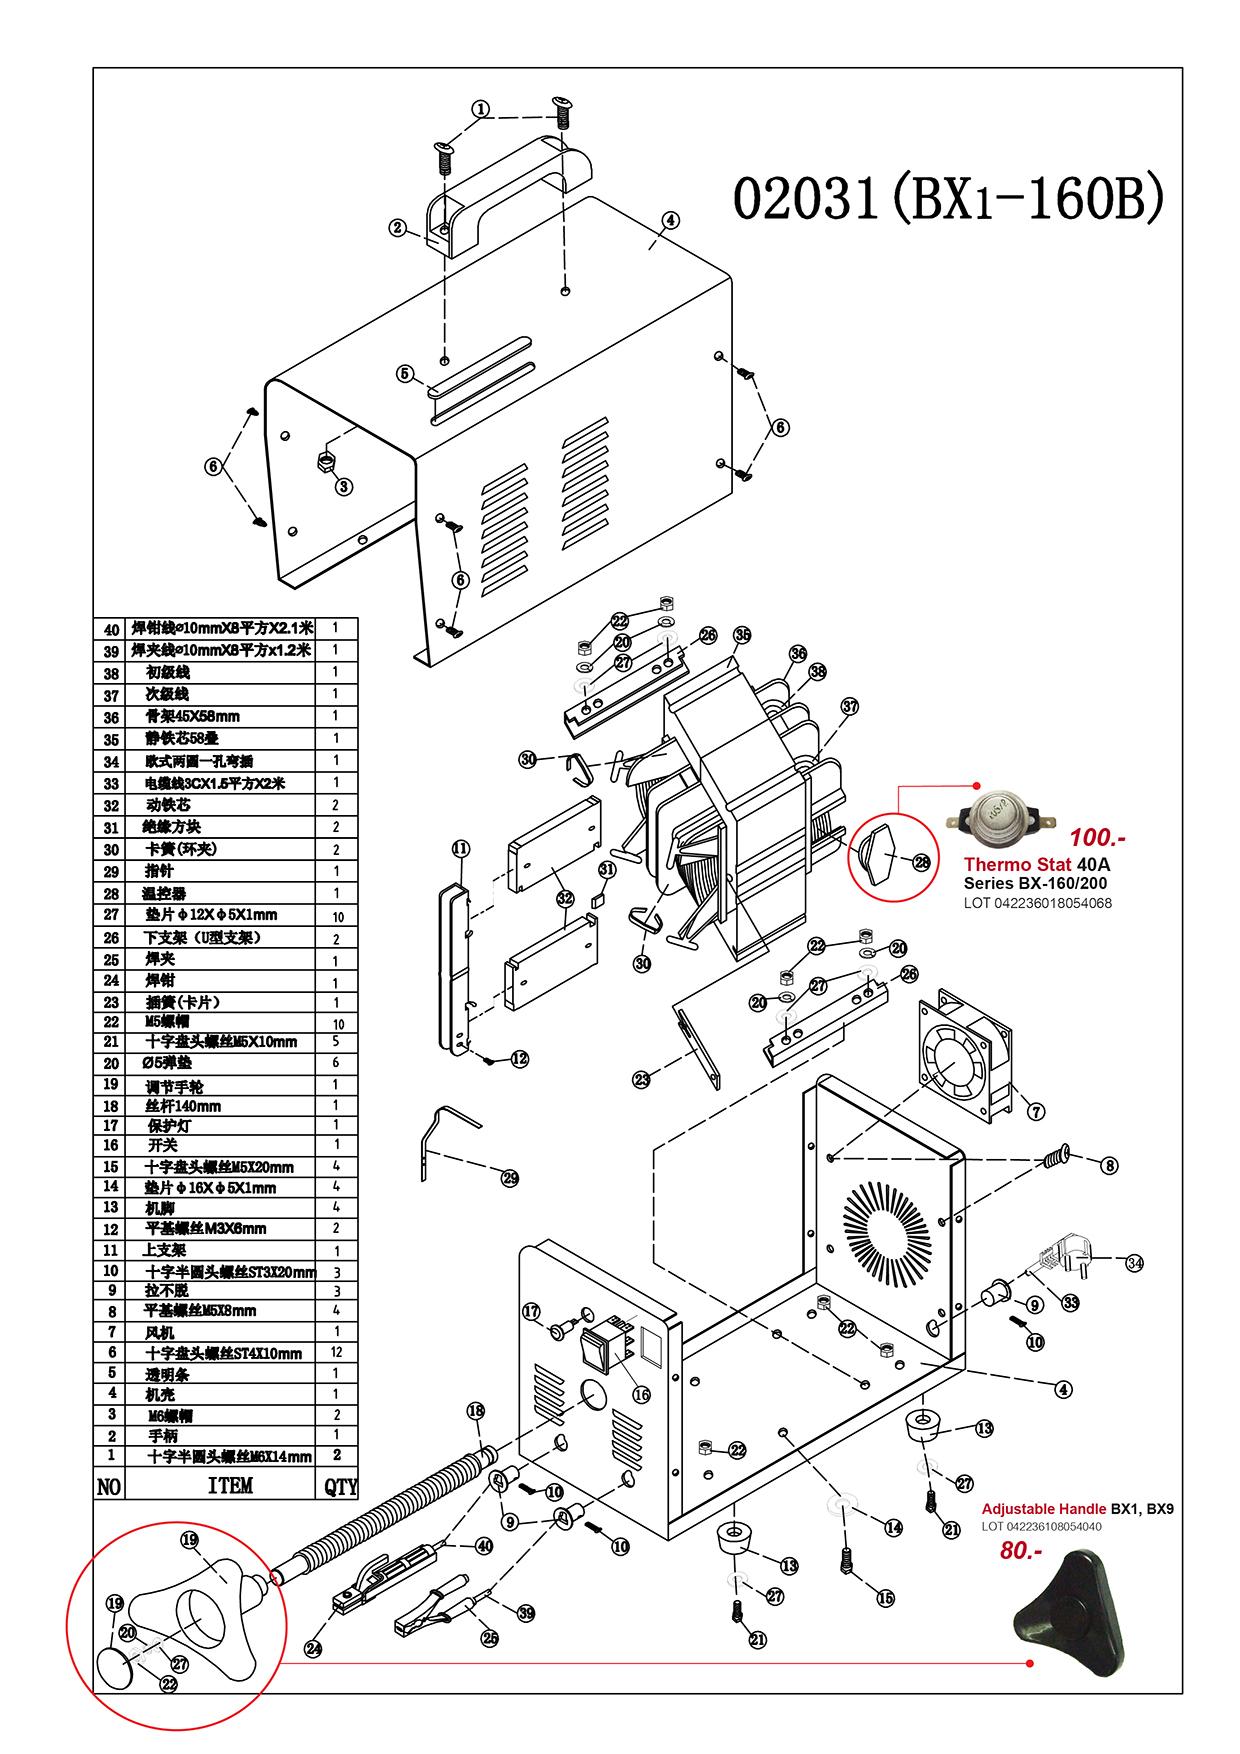 (91/239) เครื่องเชื่อมไฟฟ้า - Welding Machine BX6 Series